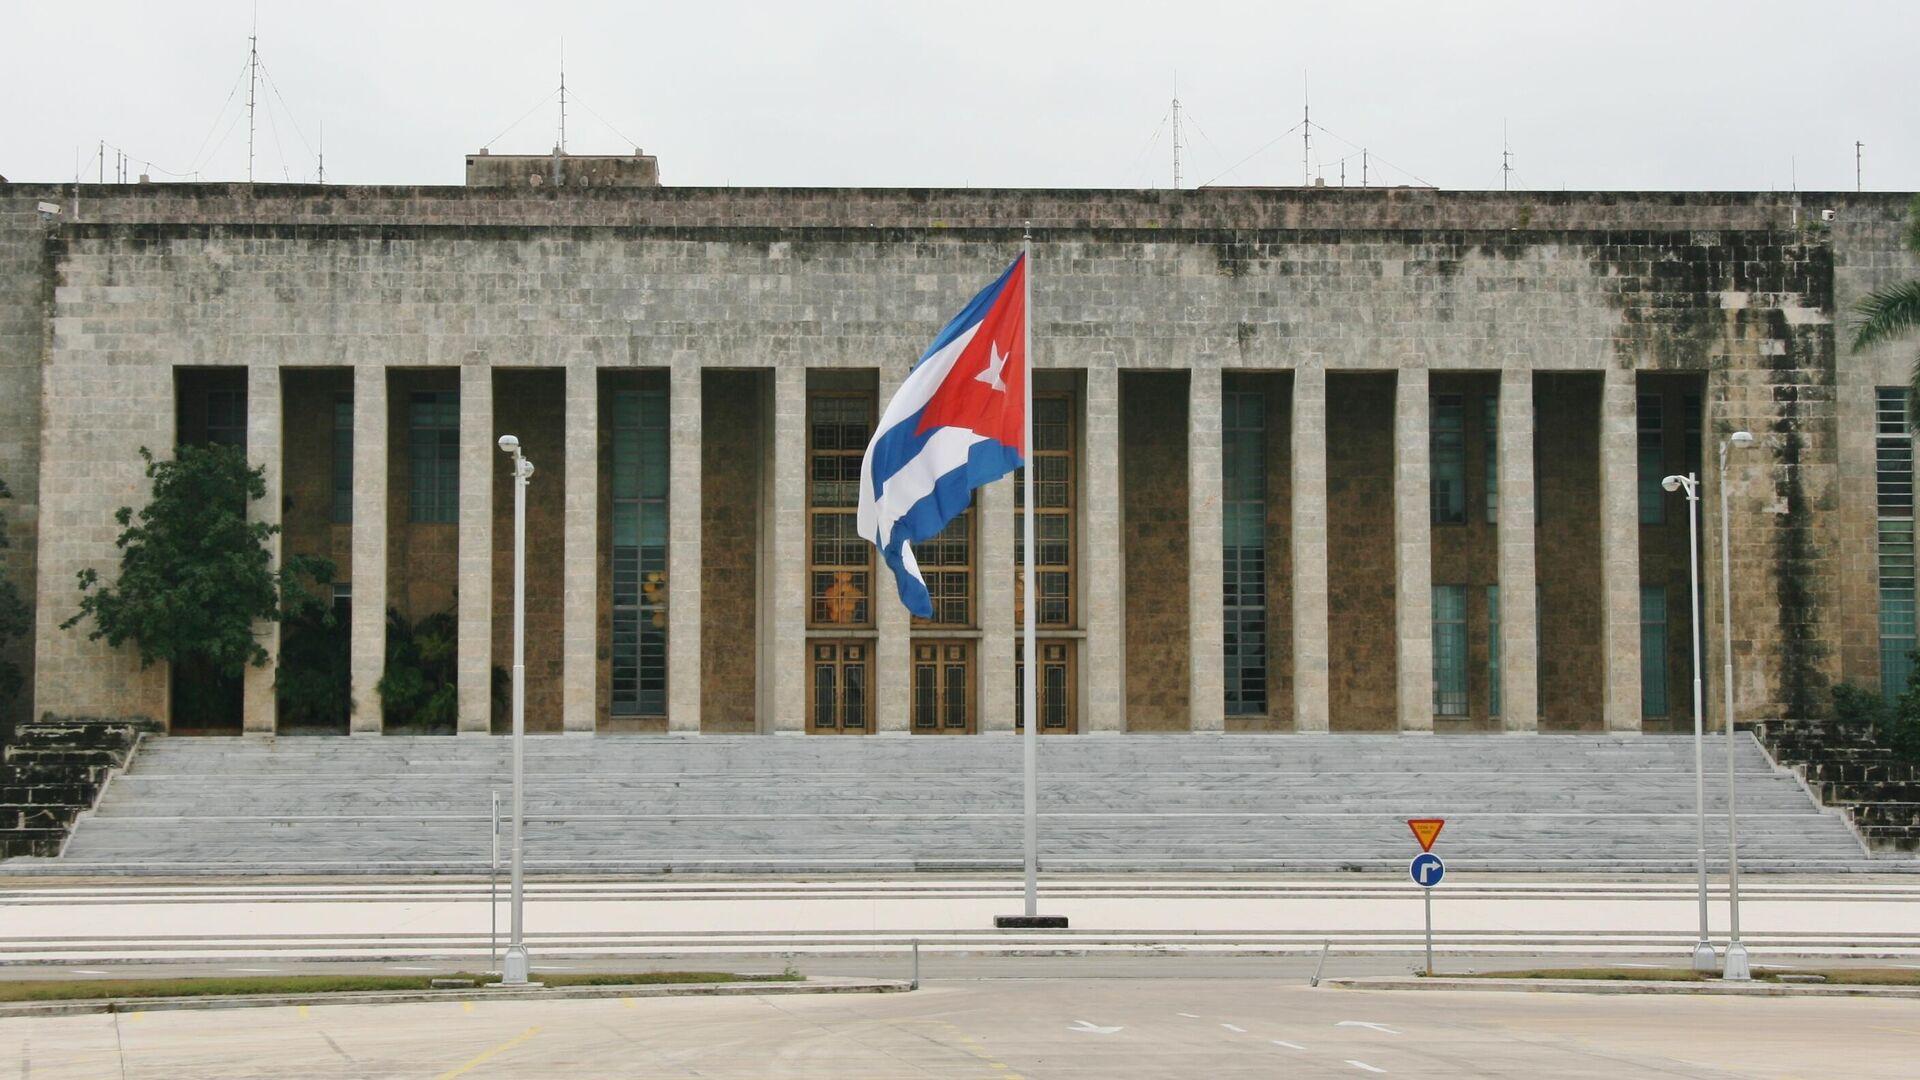 Comité Central del Partido Comunista de Cuba - Sputnik Mundo, 1920, 17.04.2021